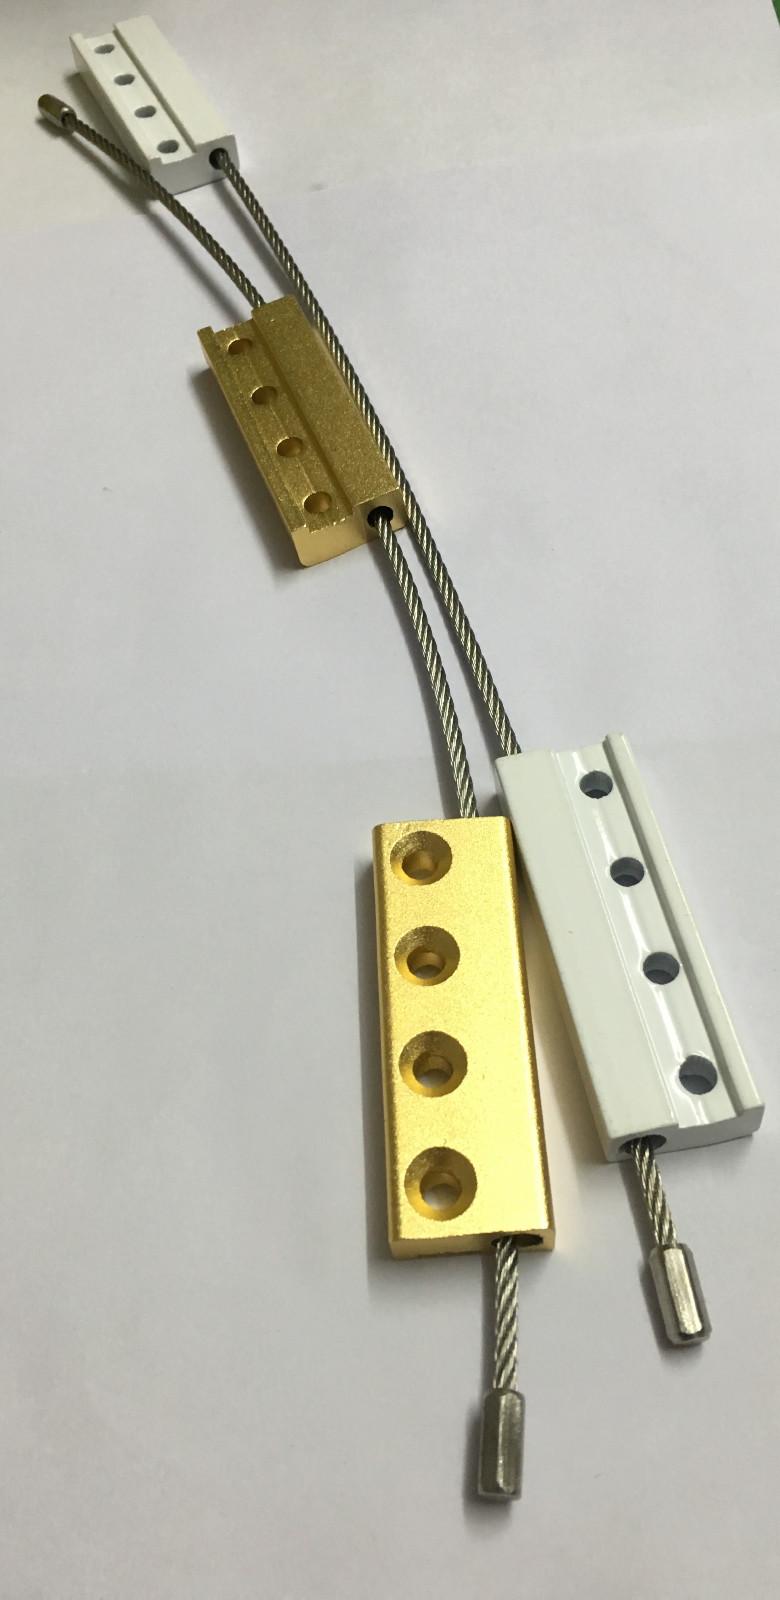 厂价直销纱窗配件防坠条,防坠绳,非标不锈钢防坠条 单面一字锁铝合金门窗锁